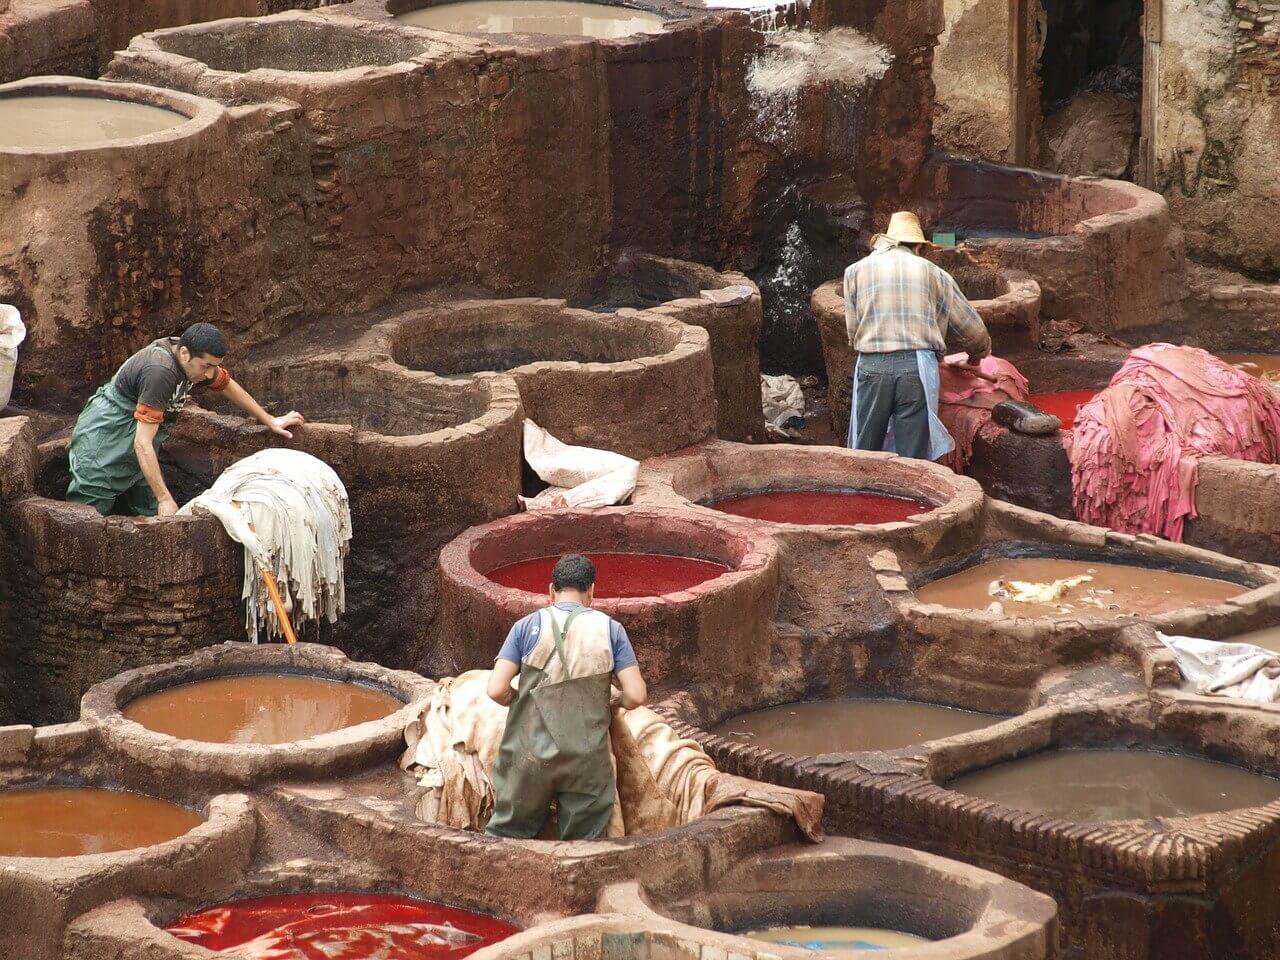 D Ou Vient Le Cuir l'industrie du cuir   animaux utilisés pour les vêtements